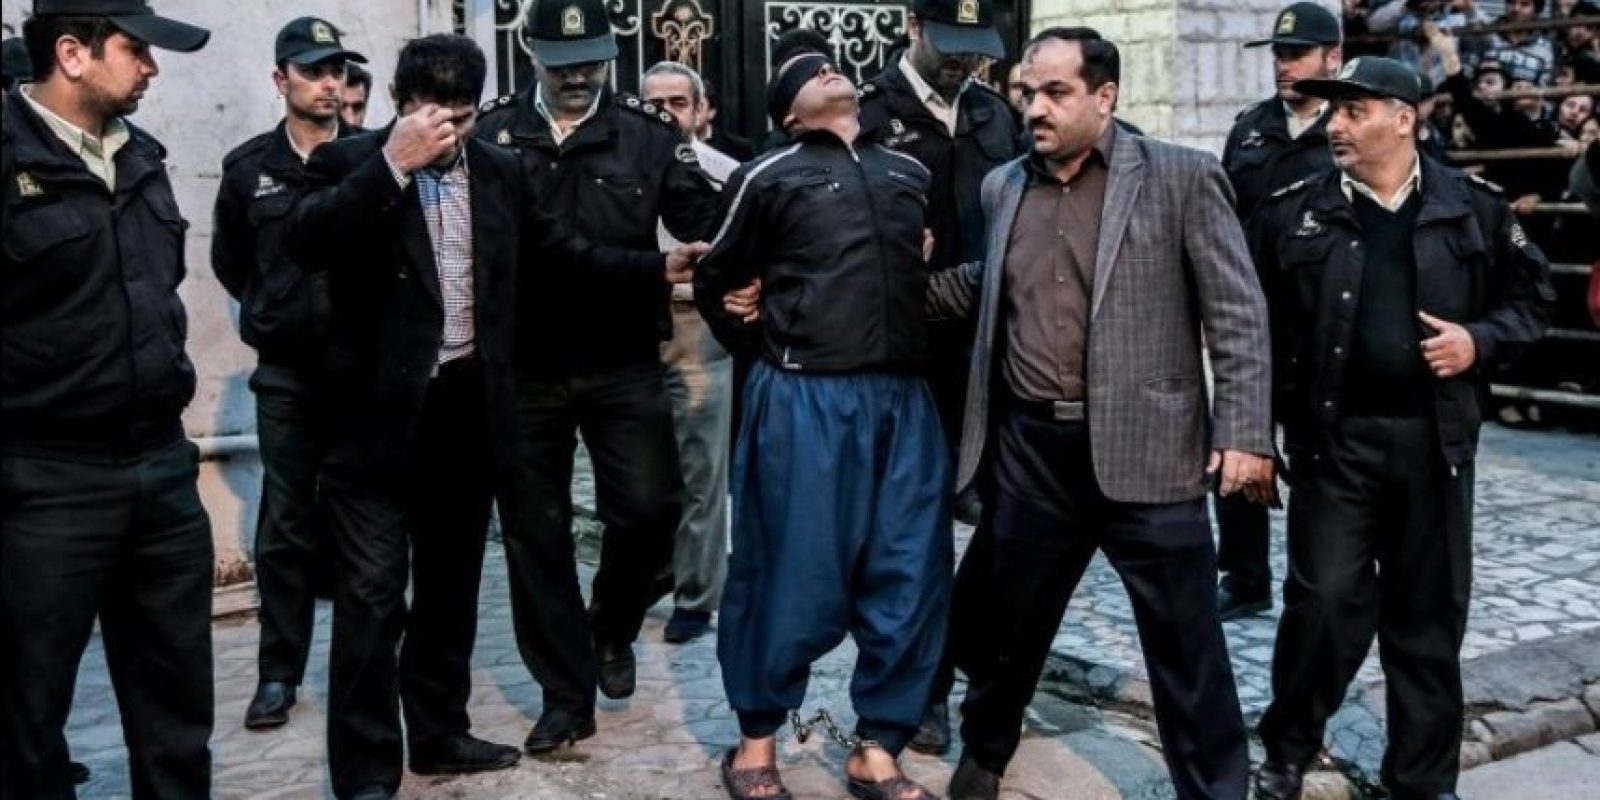 """Tercer lugar, """"Historia en noticias en el momento"""": El momento en que un joven que iba a ser ejecutado recibió el perdón fue captado por Arash Khamooshi, de Irán. Foto:World Press Photo 2015"""